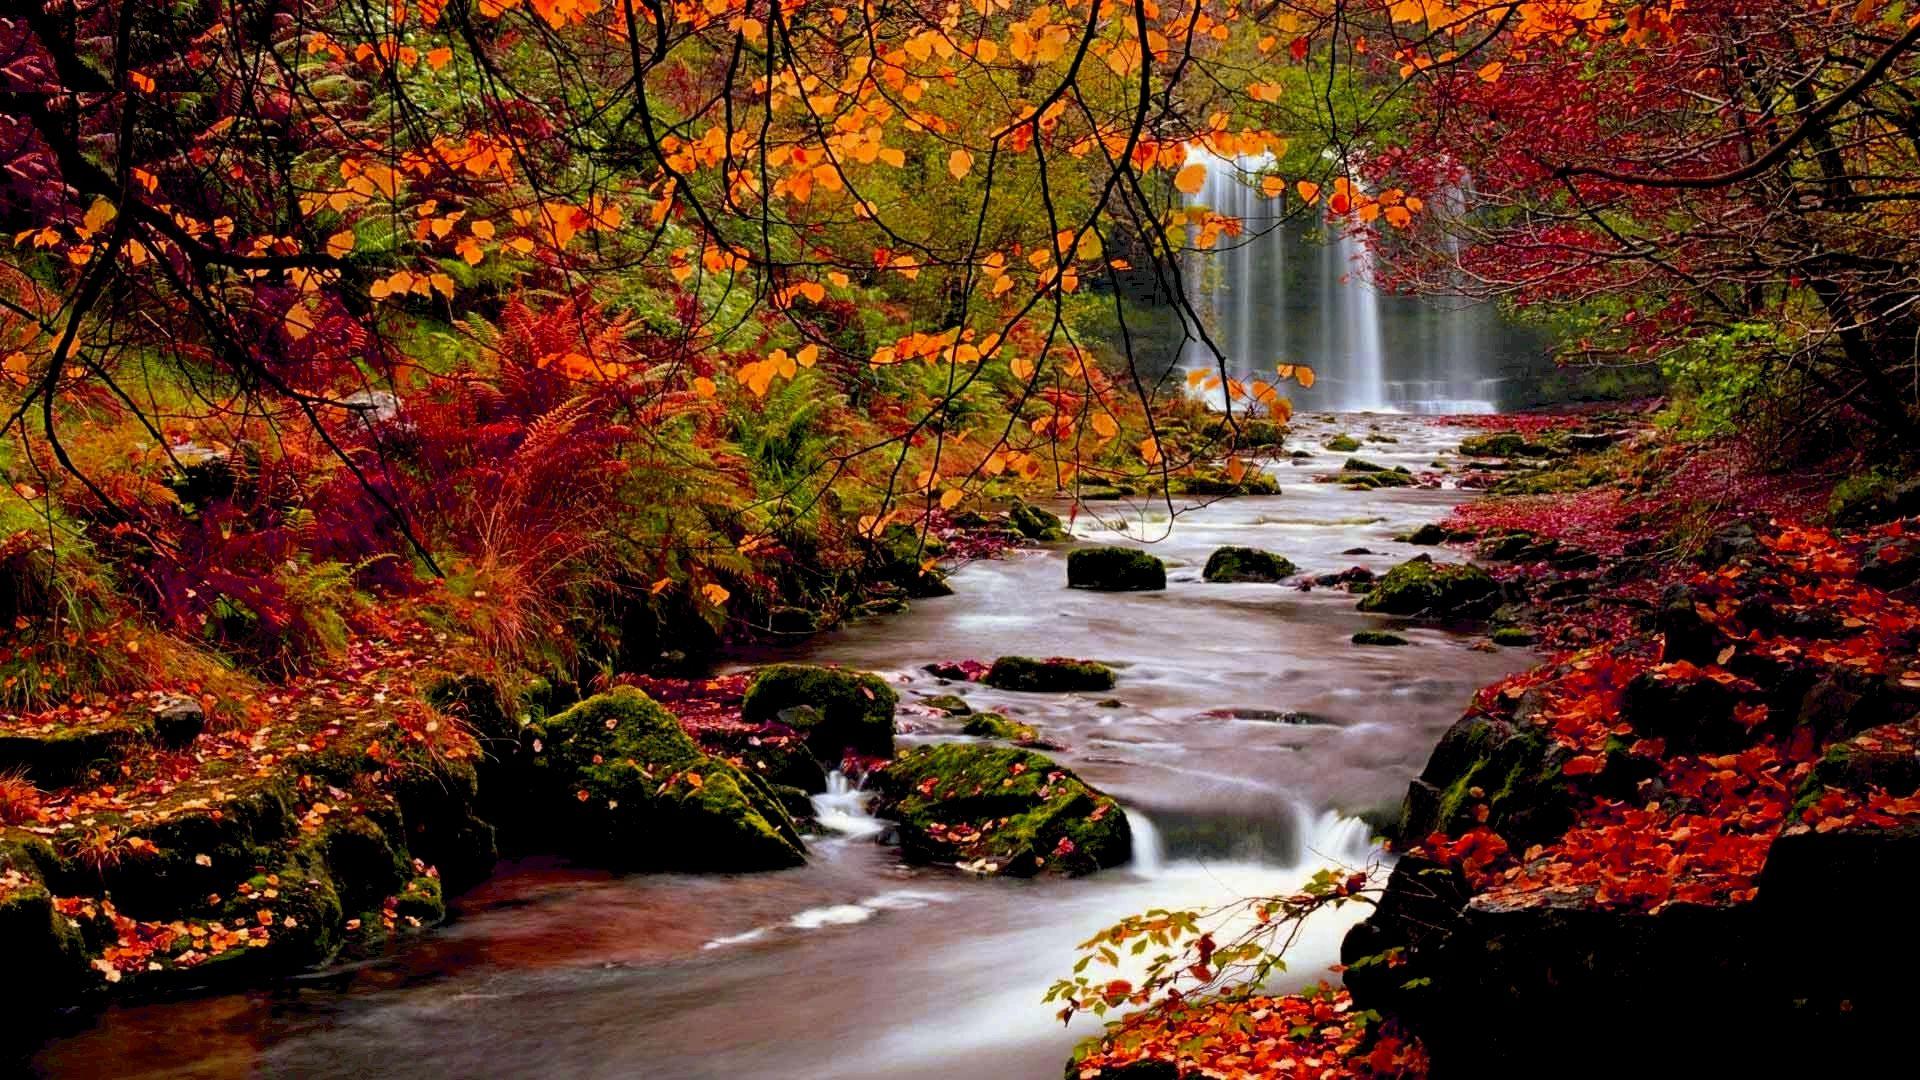 hình nền mùa thu full hd